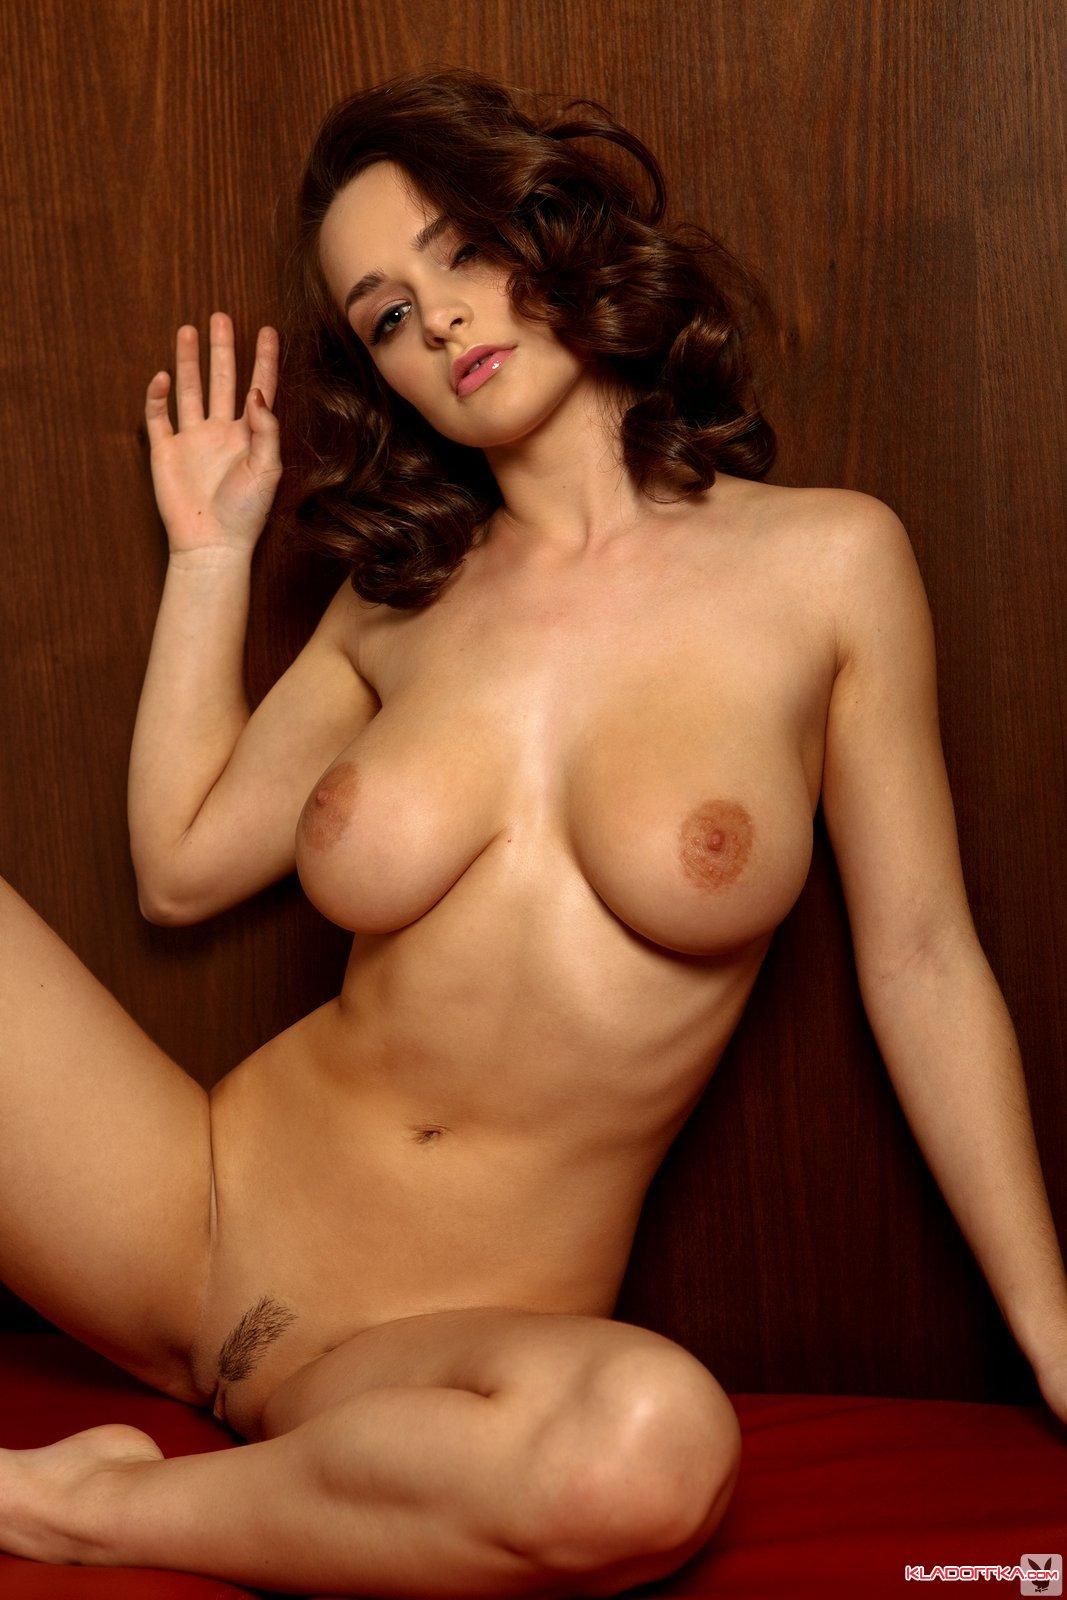 Kristin Davis nackt, Oben ohne Bilder, Playboy Fotos, Sex